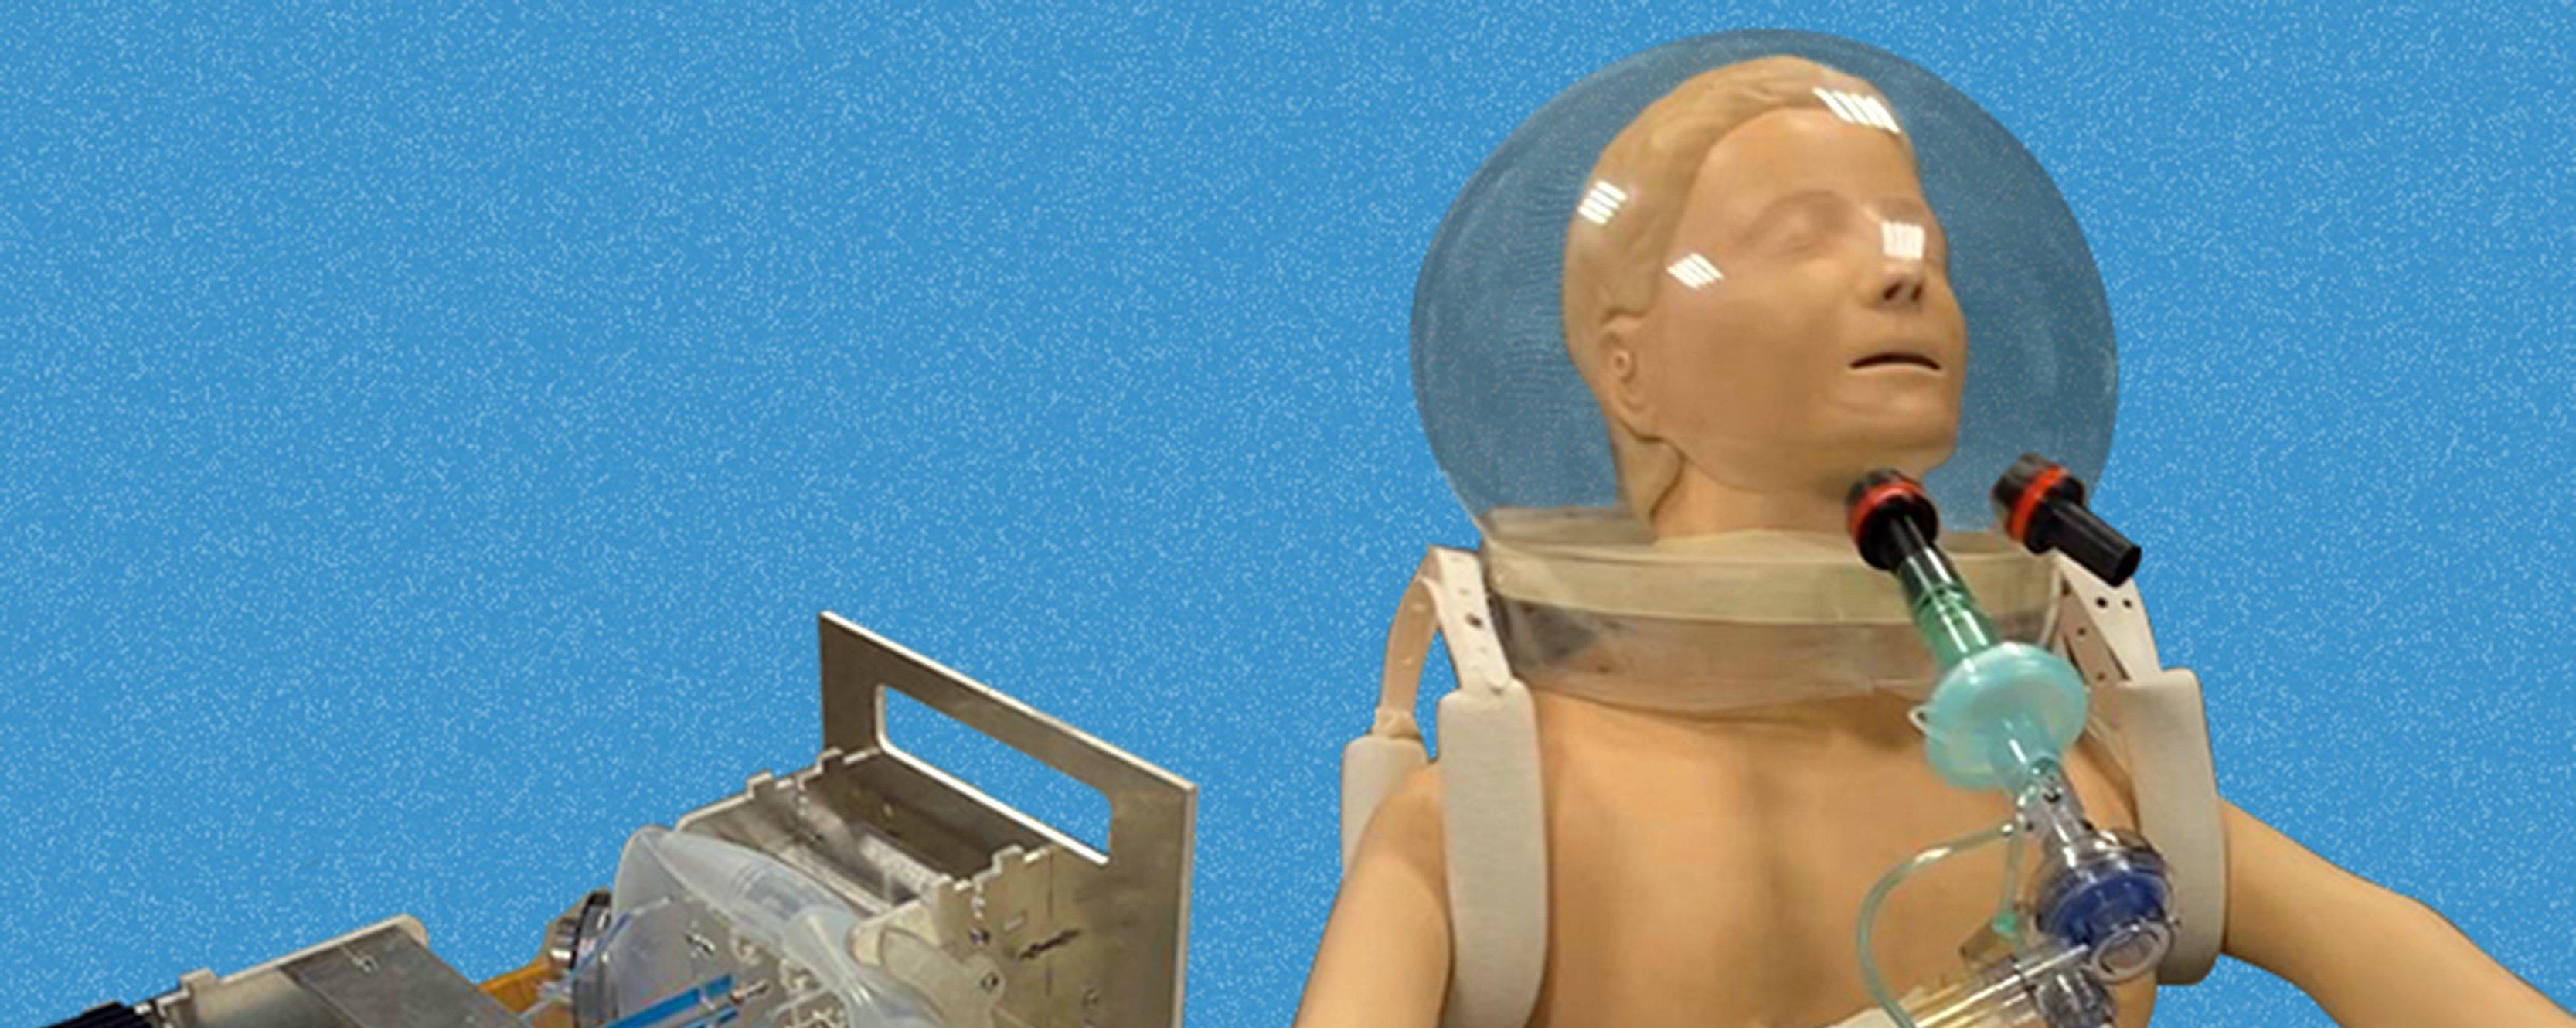 Cientistas da USP criam capacete para tratamento da covid-19